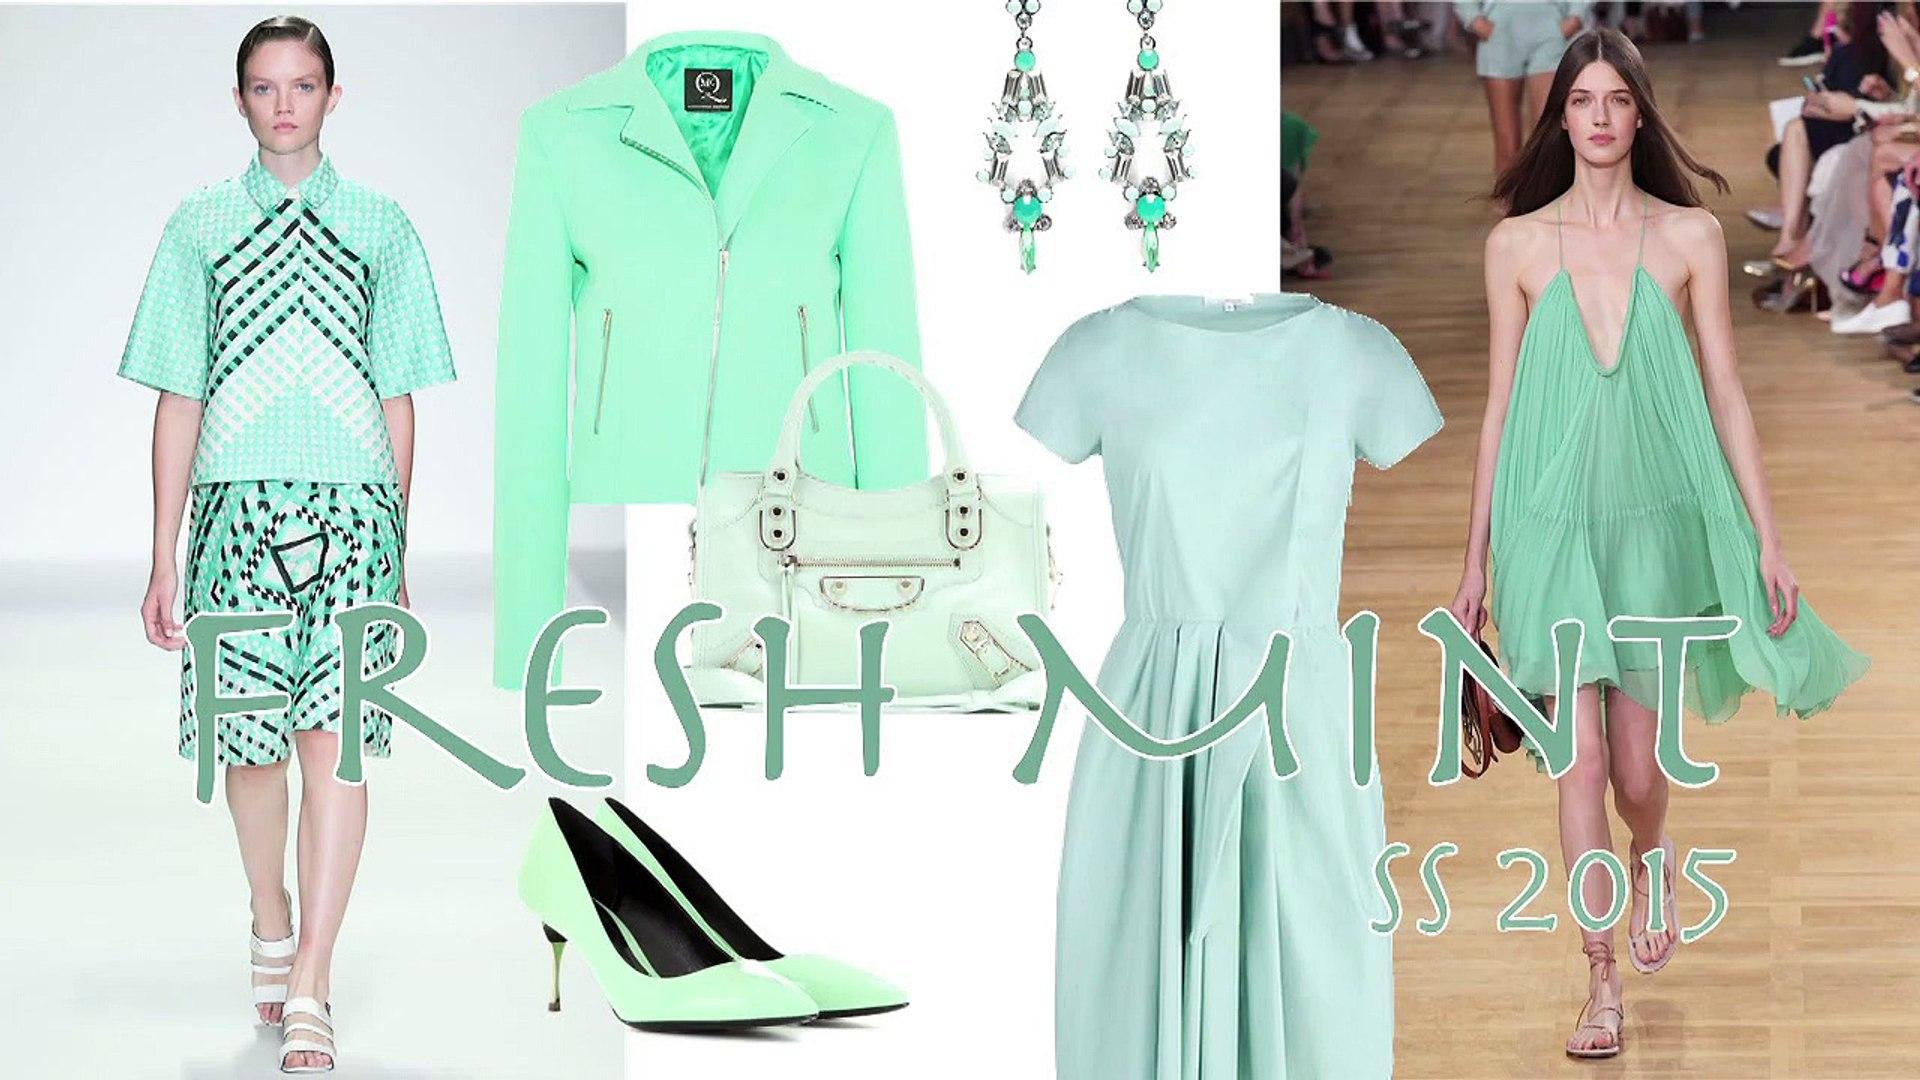 FRESH MINT Fashion Trend Spring 2015 by Fashion Channel